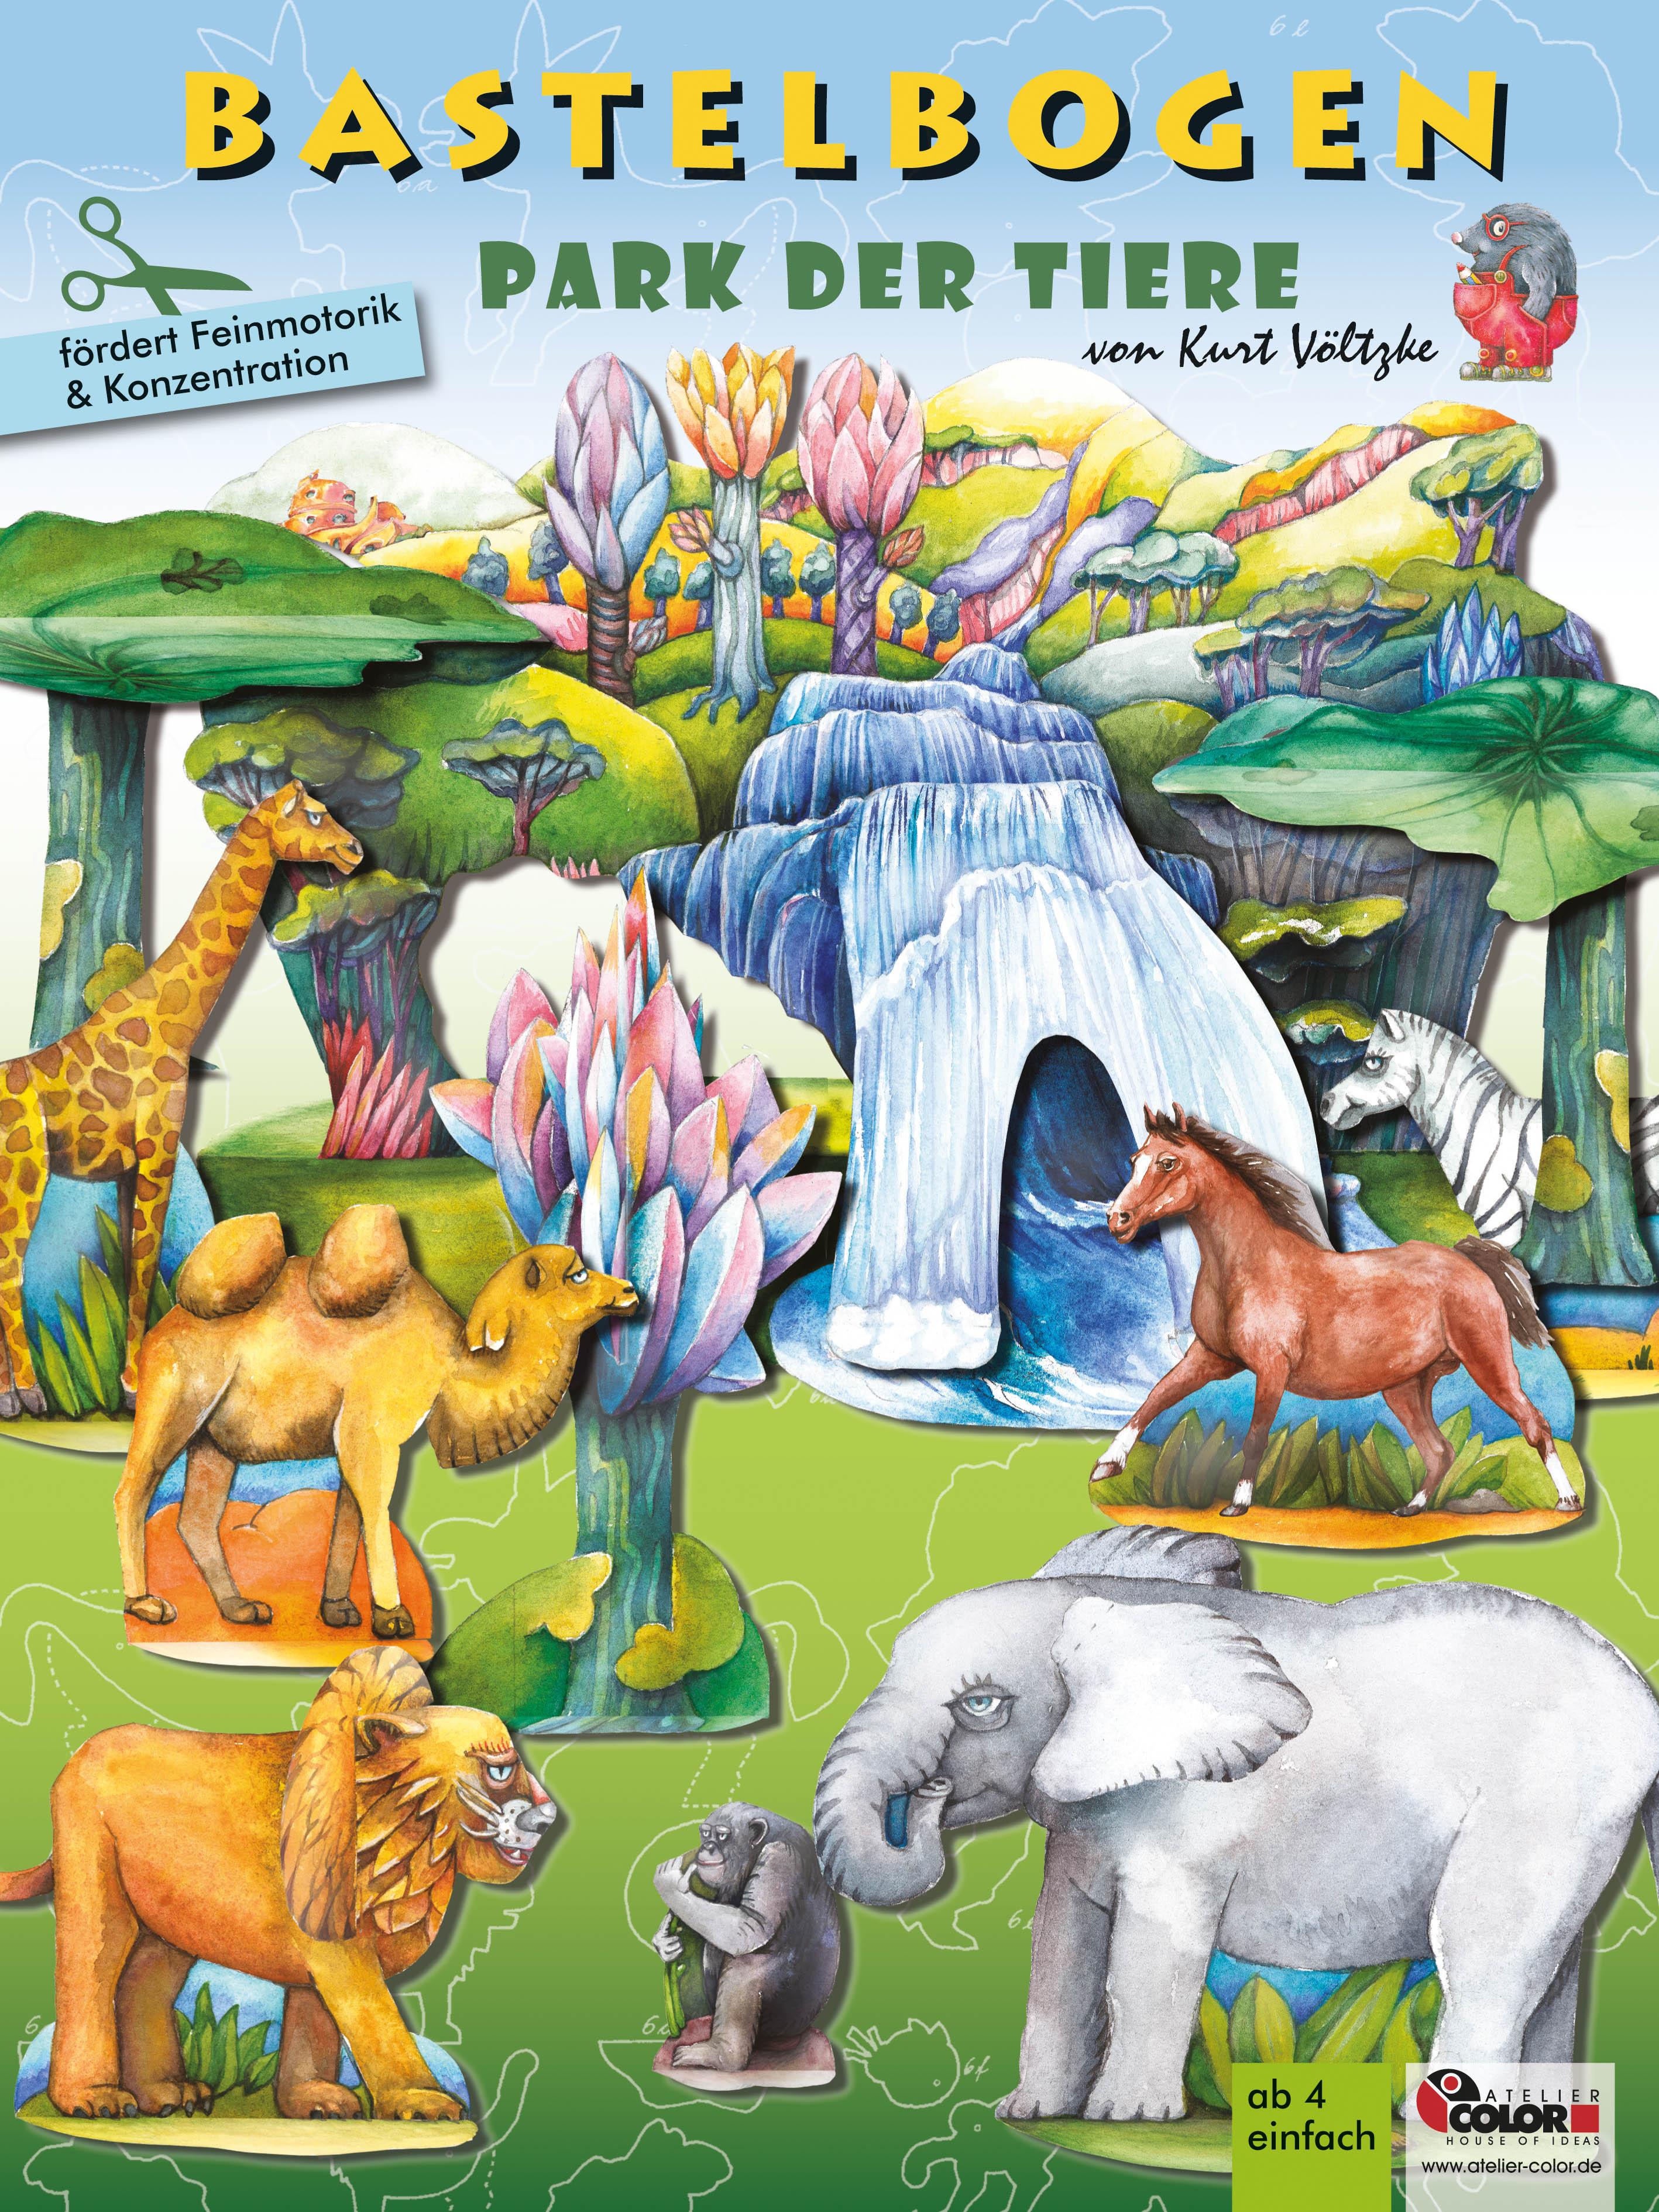 Park der Tiere Bastelbogen kaufen